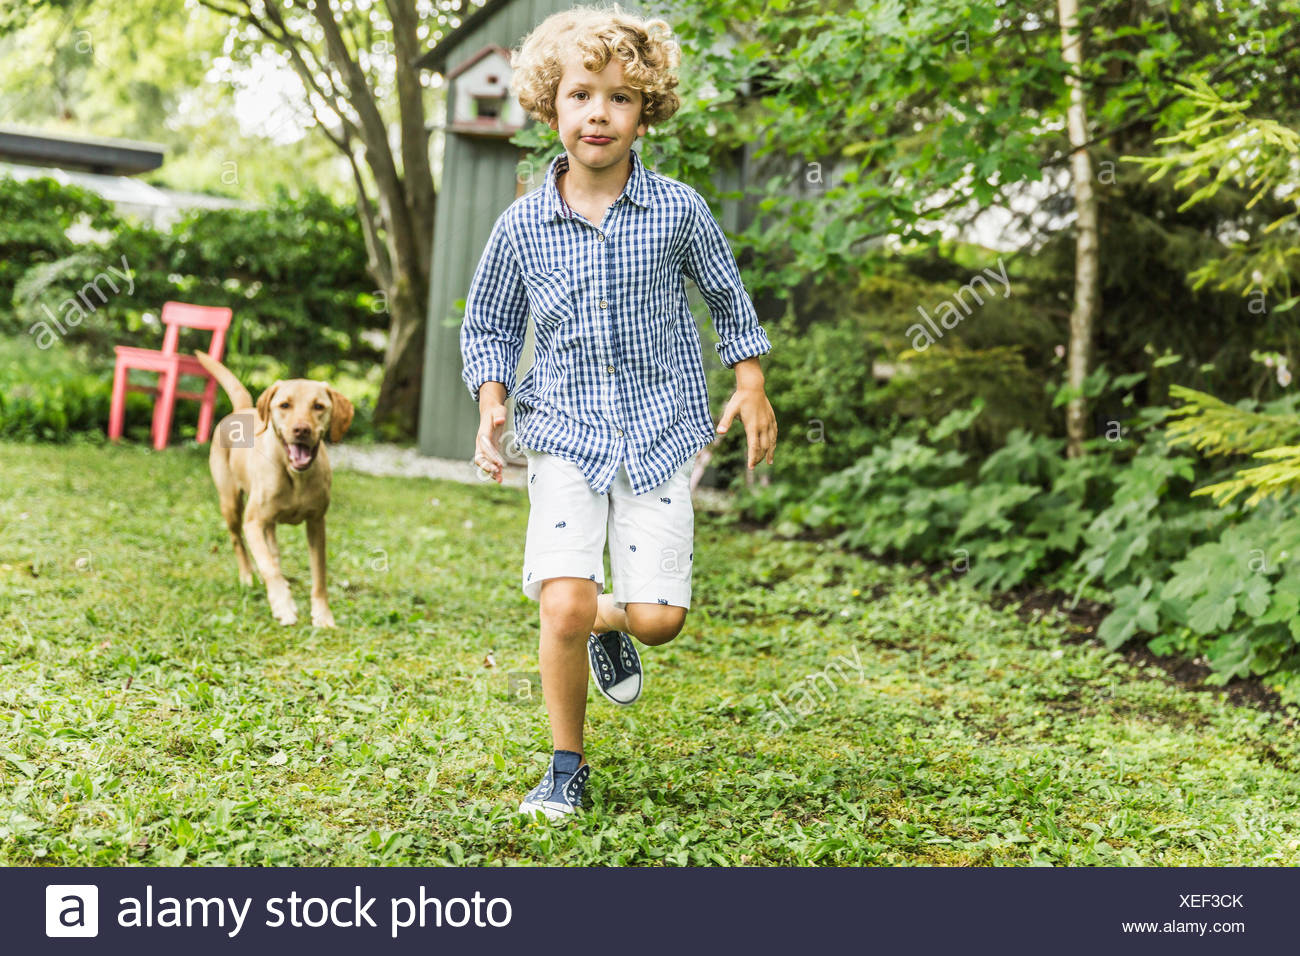 Boy running with dog in garden Stock Photo